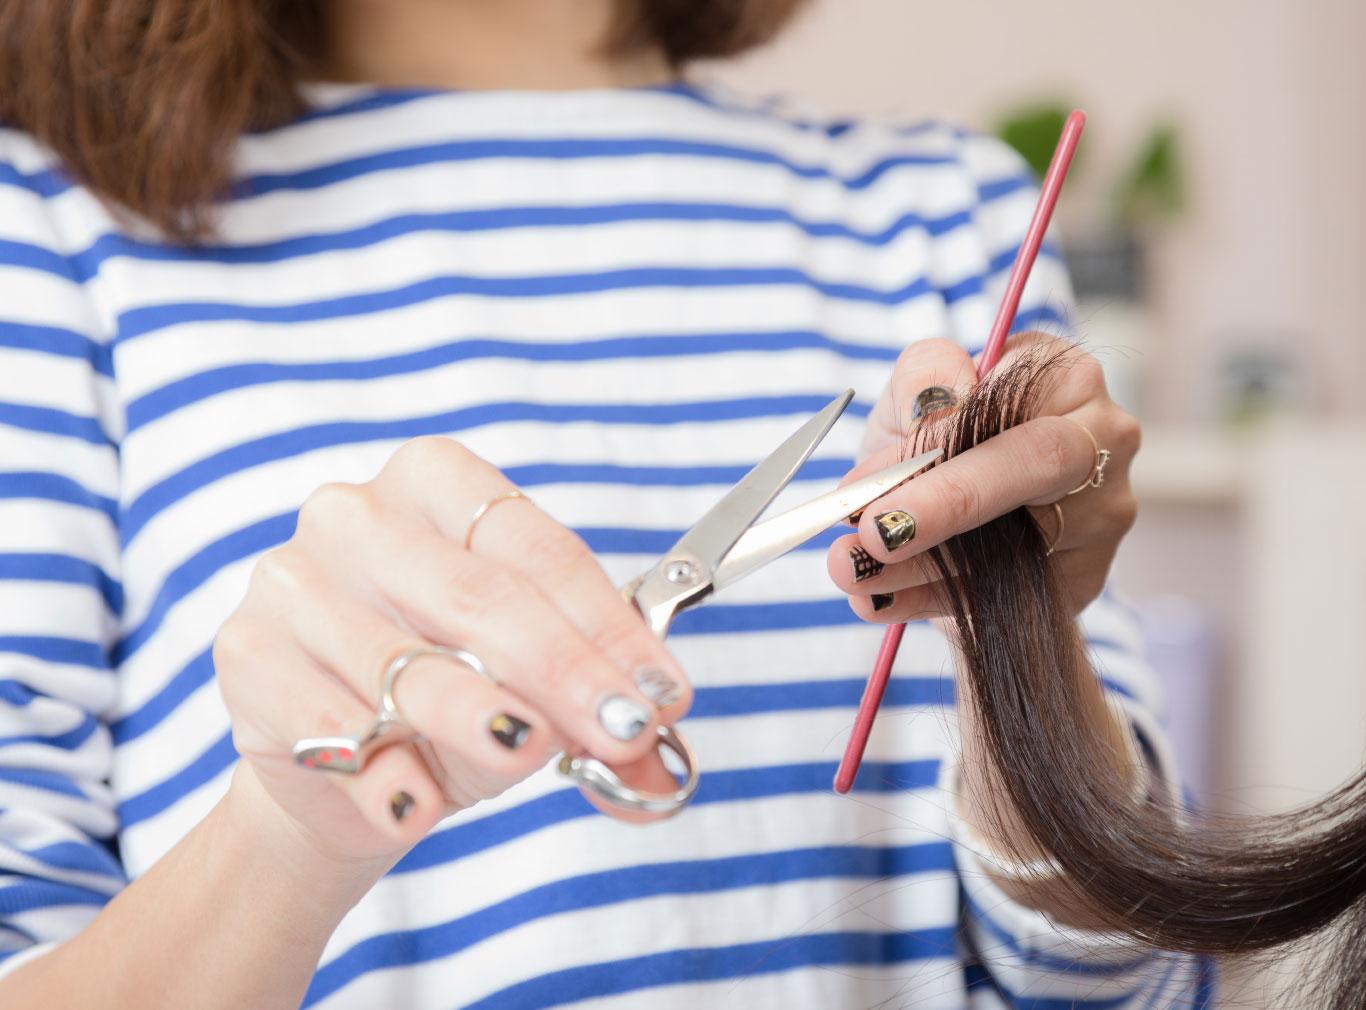 髪のプロの美容師     「トリートメントを毛先だけしか付けていませんか?」